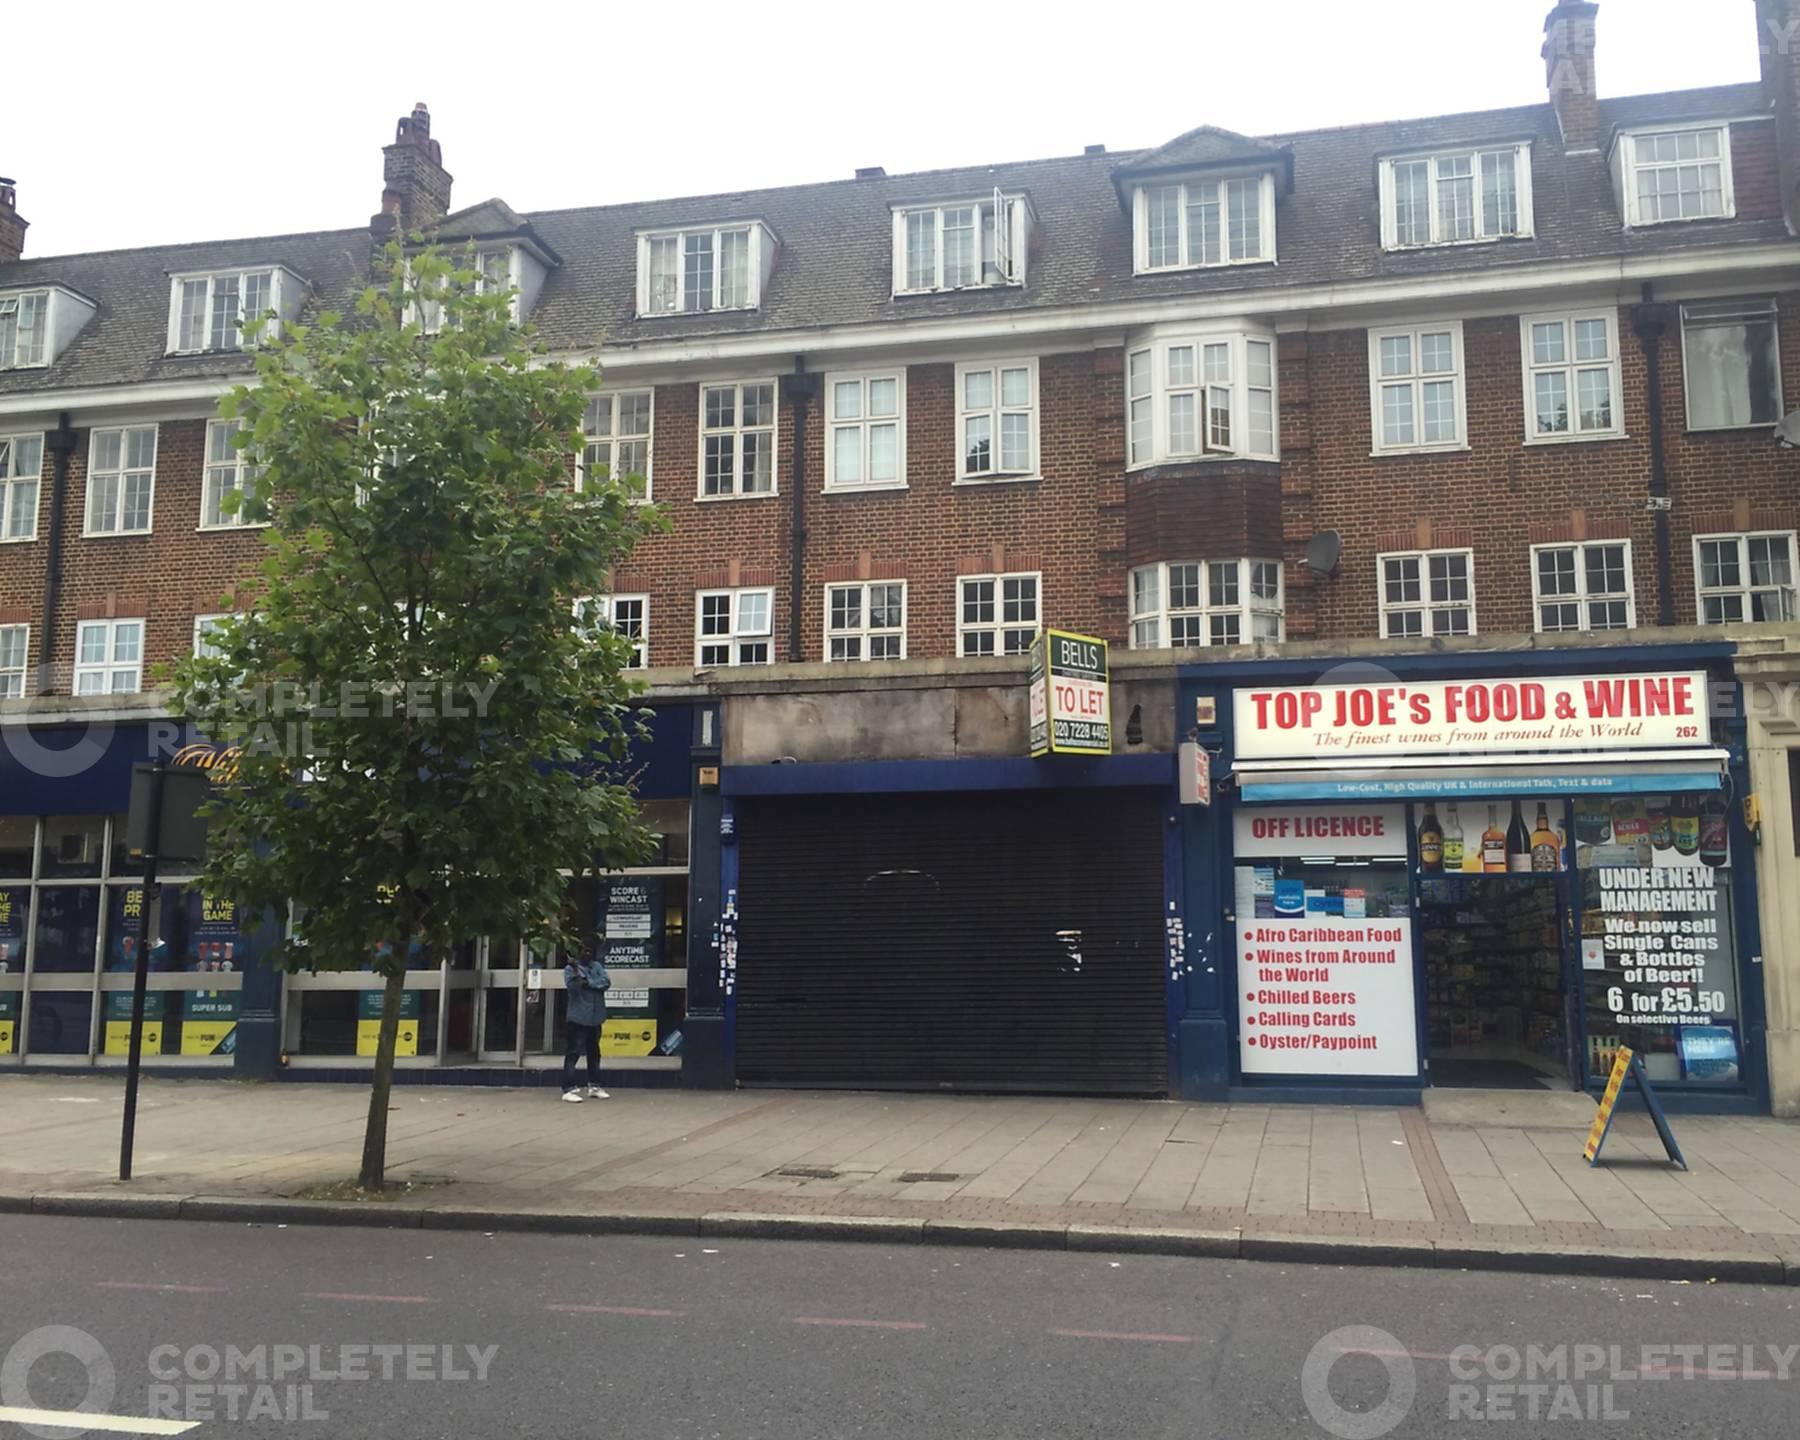 262 Brixton Hill